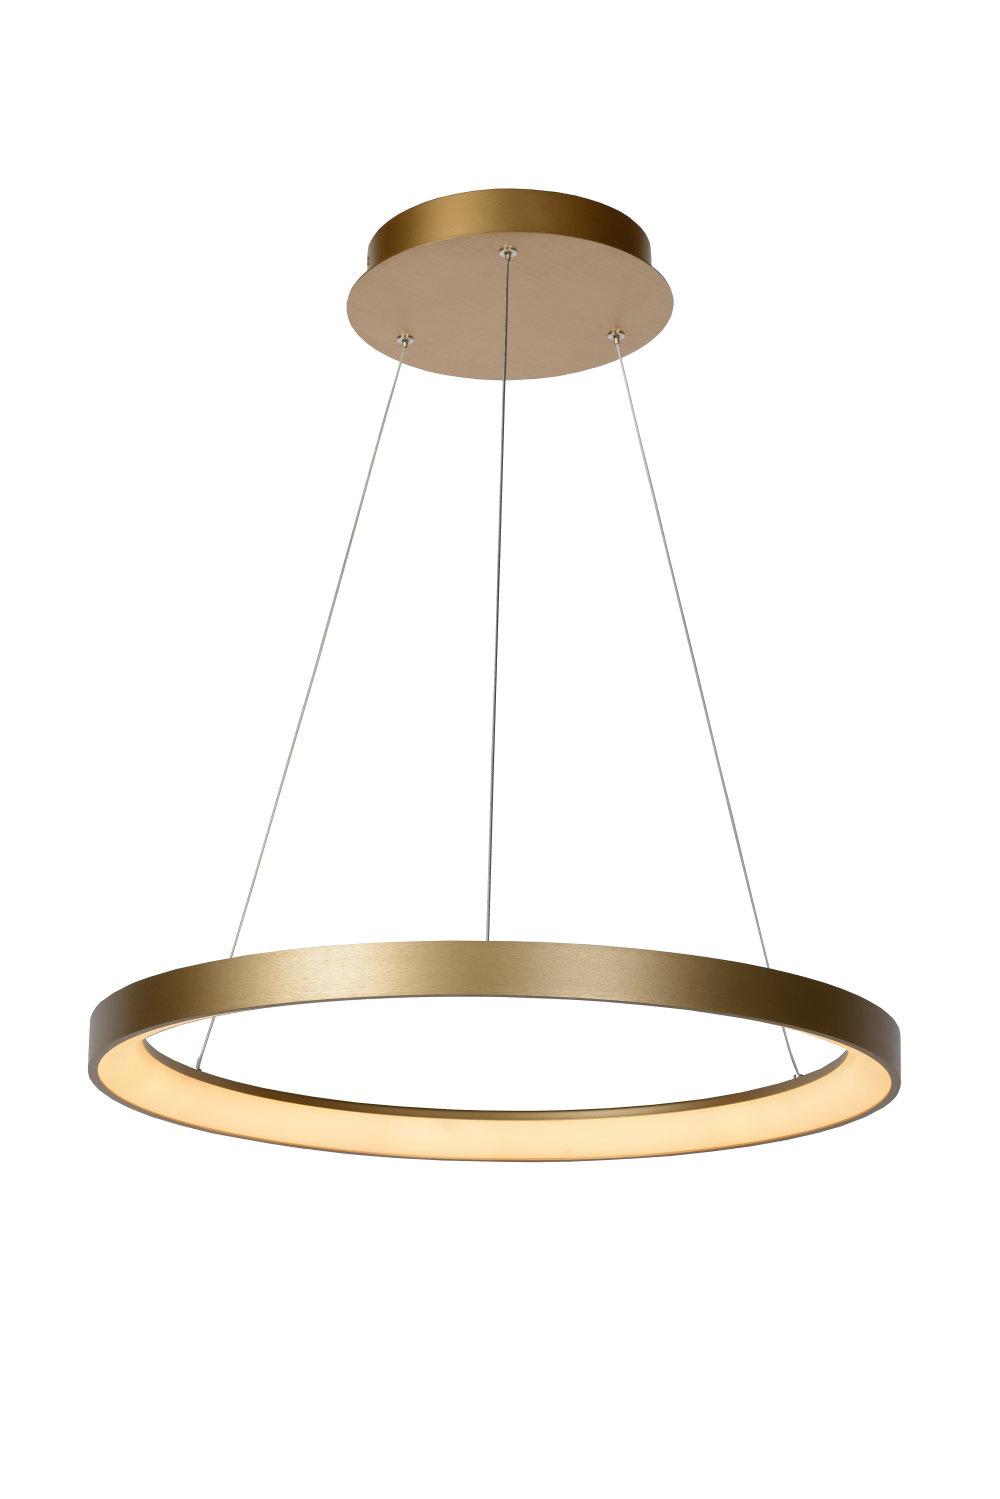 Lucide VIDAL Hanglamp-Mat Go.-Ø58-LED Dimb.-50W-2700K